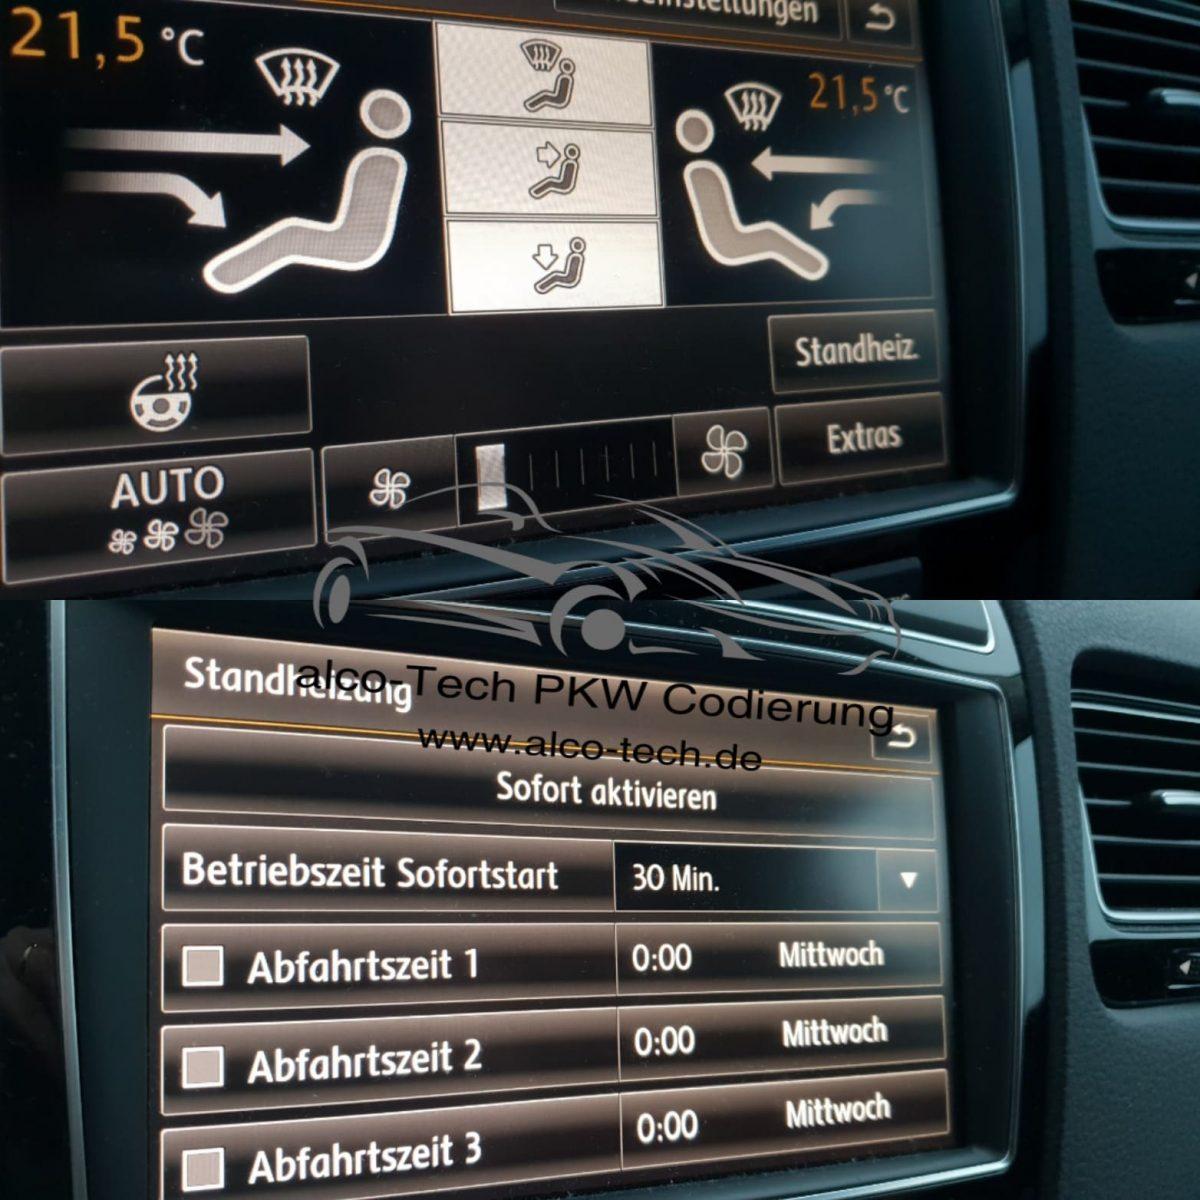 VW Touareg 2 Codierung - Codierungen in Darmstadt / Weiterstadt